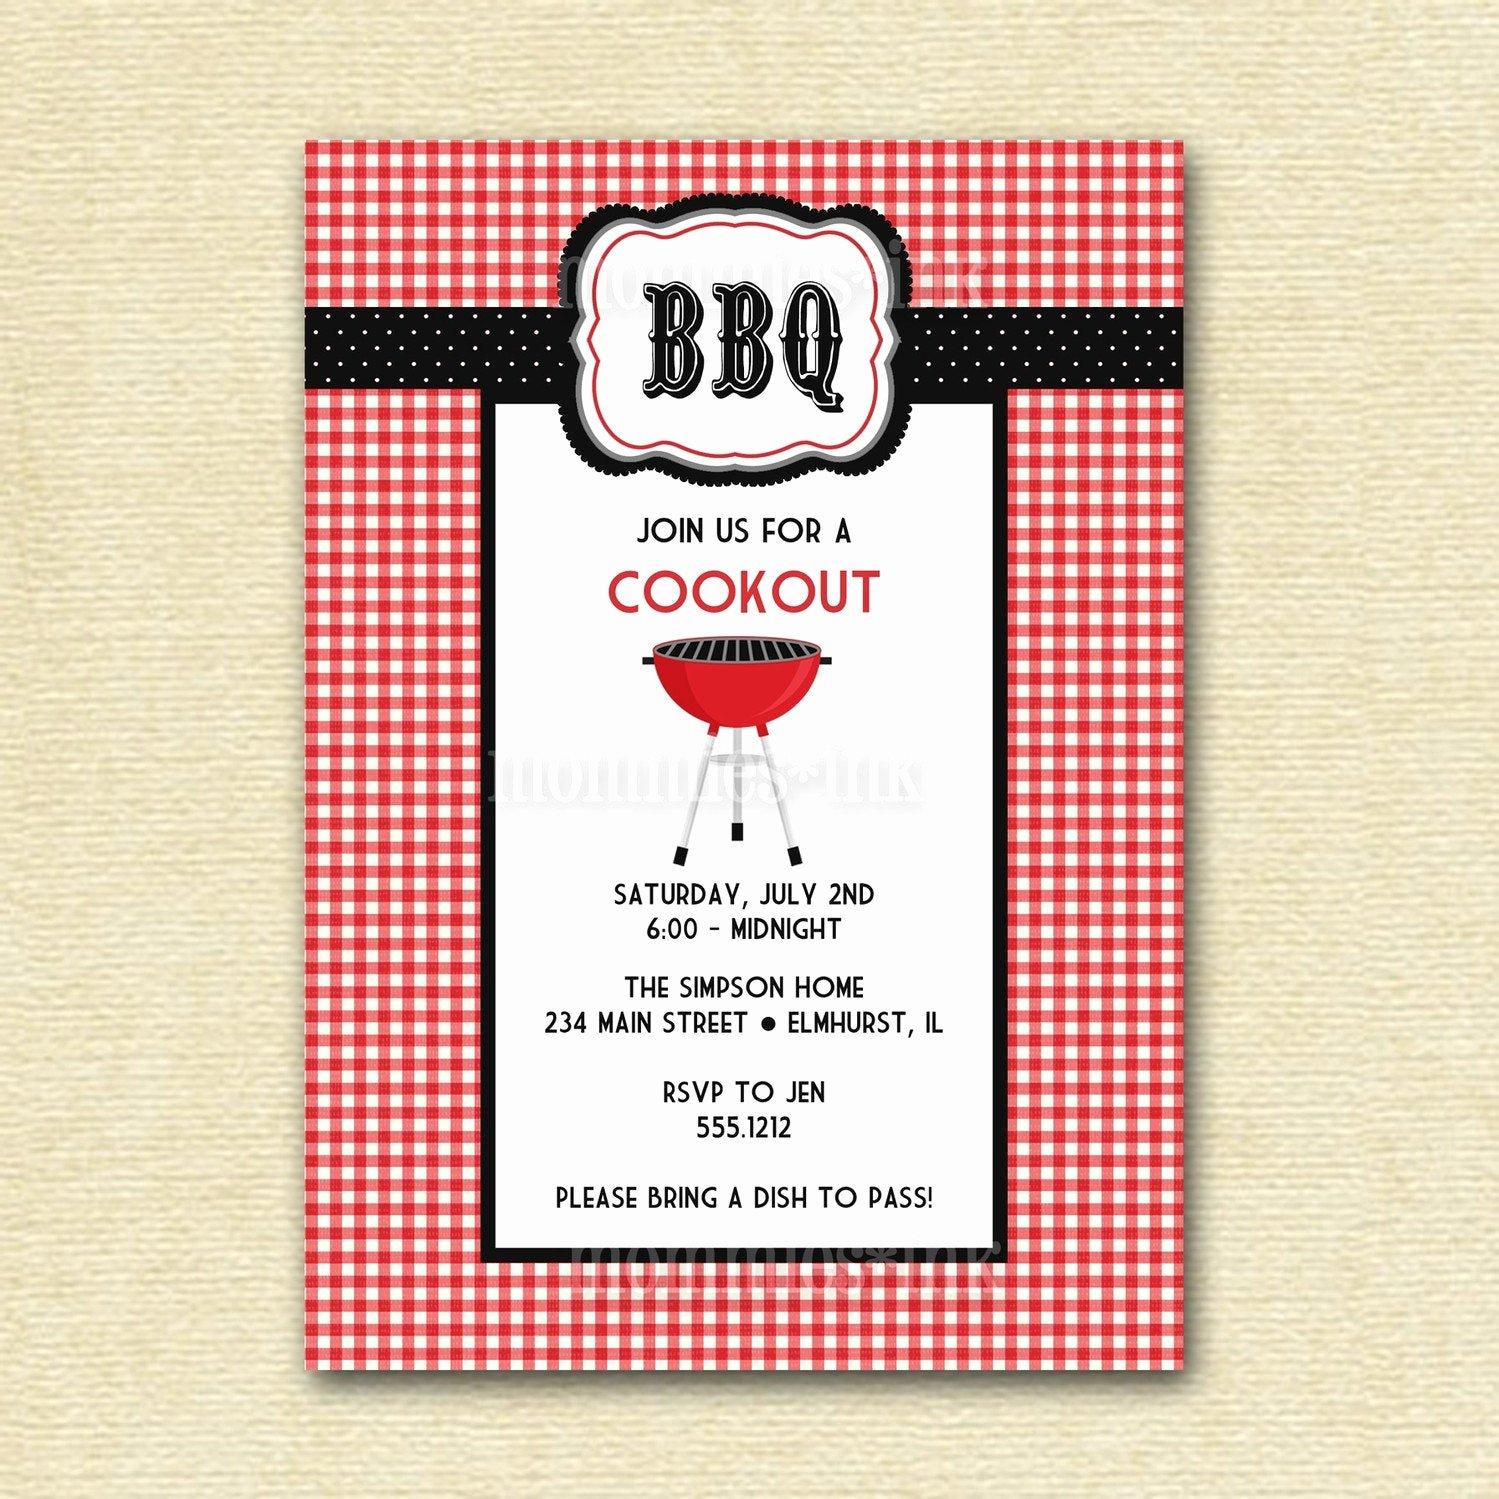 Free Printable Bbq Invitations Fresh Bbq Cookout Invitation Printable Invitation Design